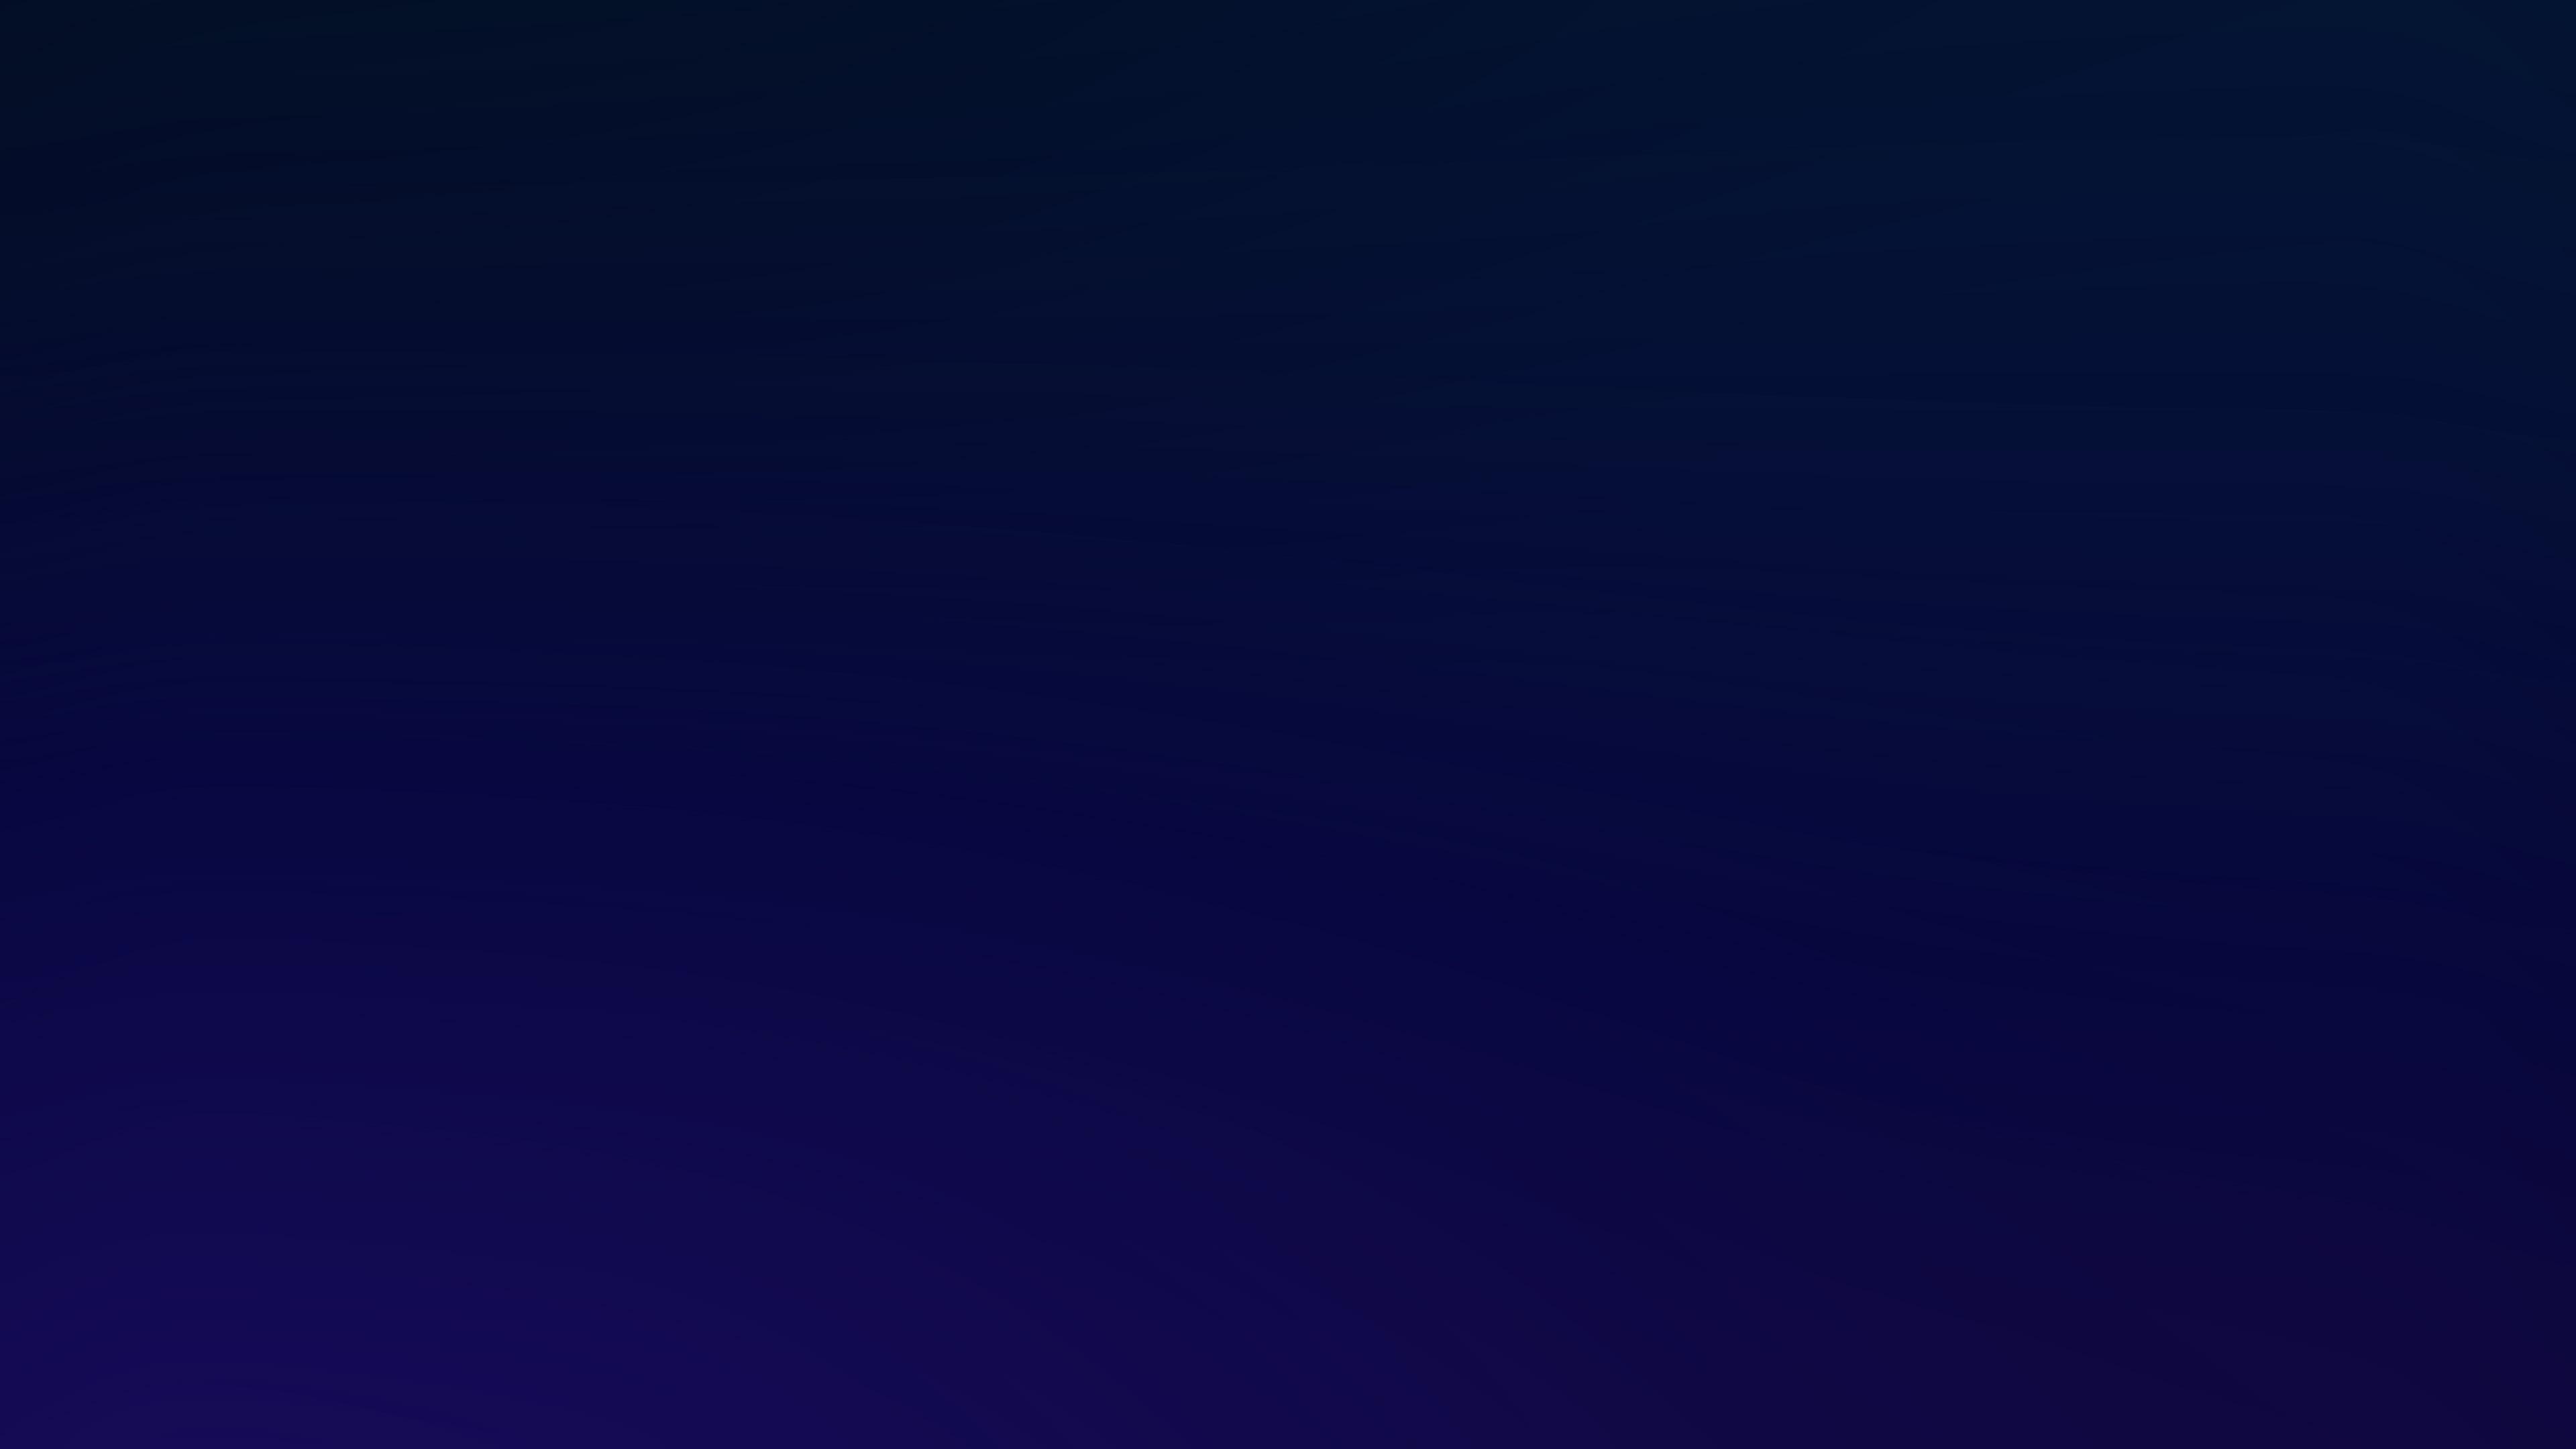 Fall Wallpaper Ipad Pro Sk62 Dark Blue Blur Gradation Wallpaper